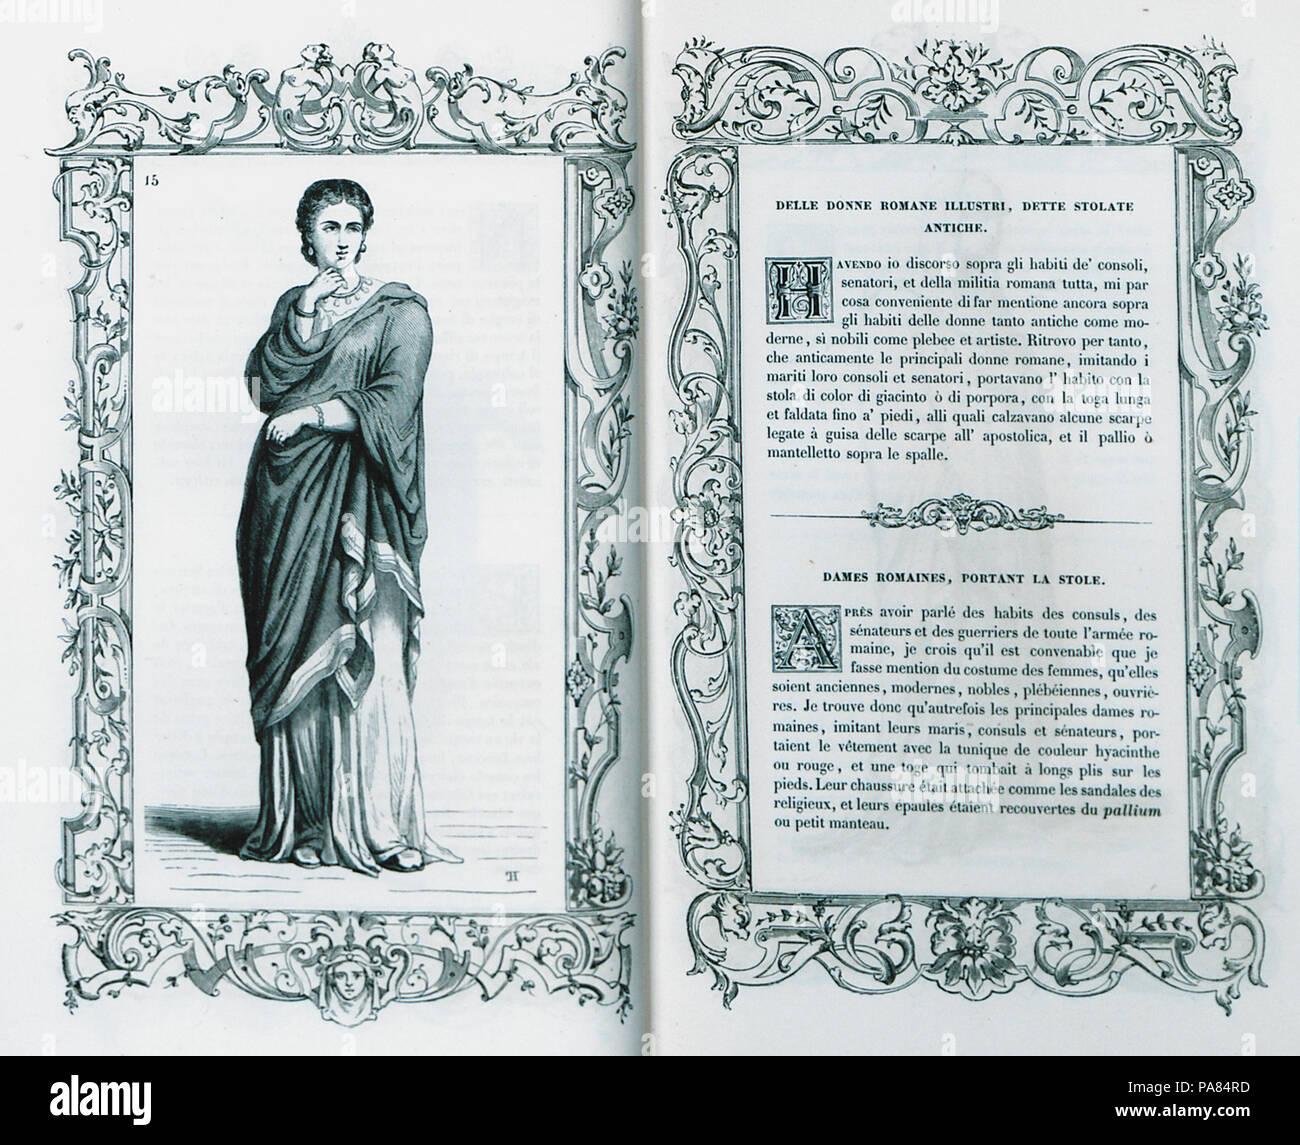 61 Delle donne romane illustri, stolate sådanne antiche - Cesare Vecellio - 1860 Photo Stock